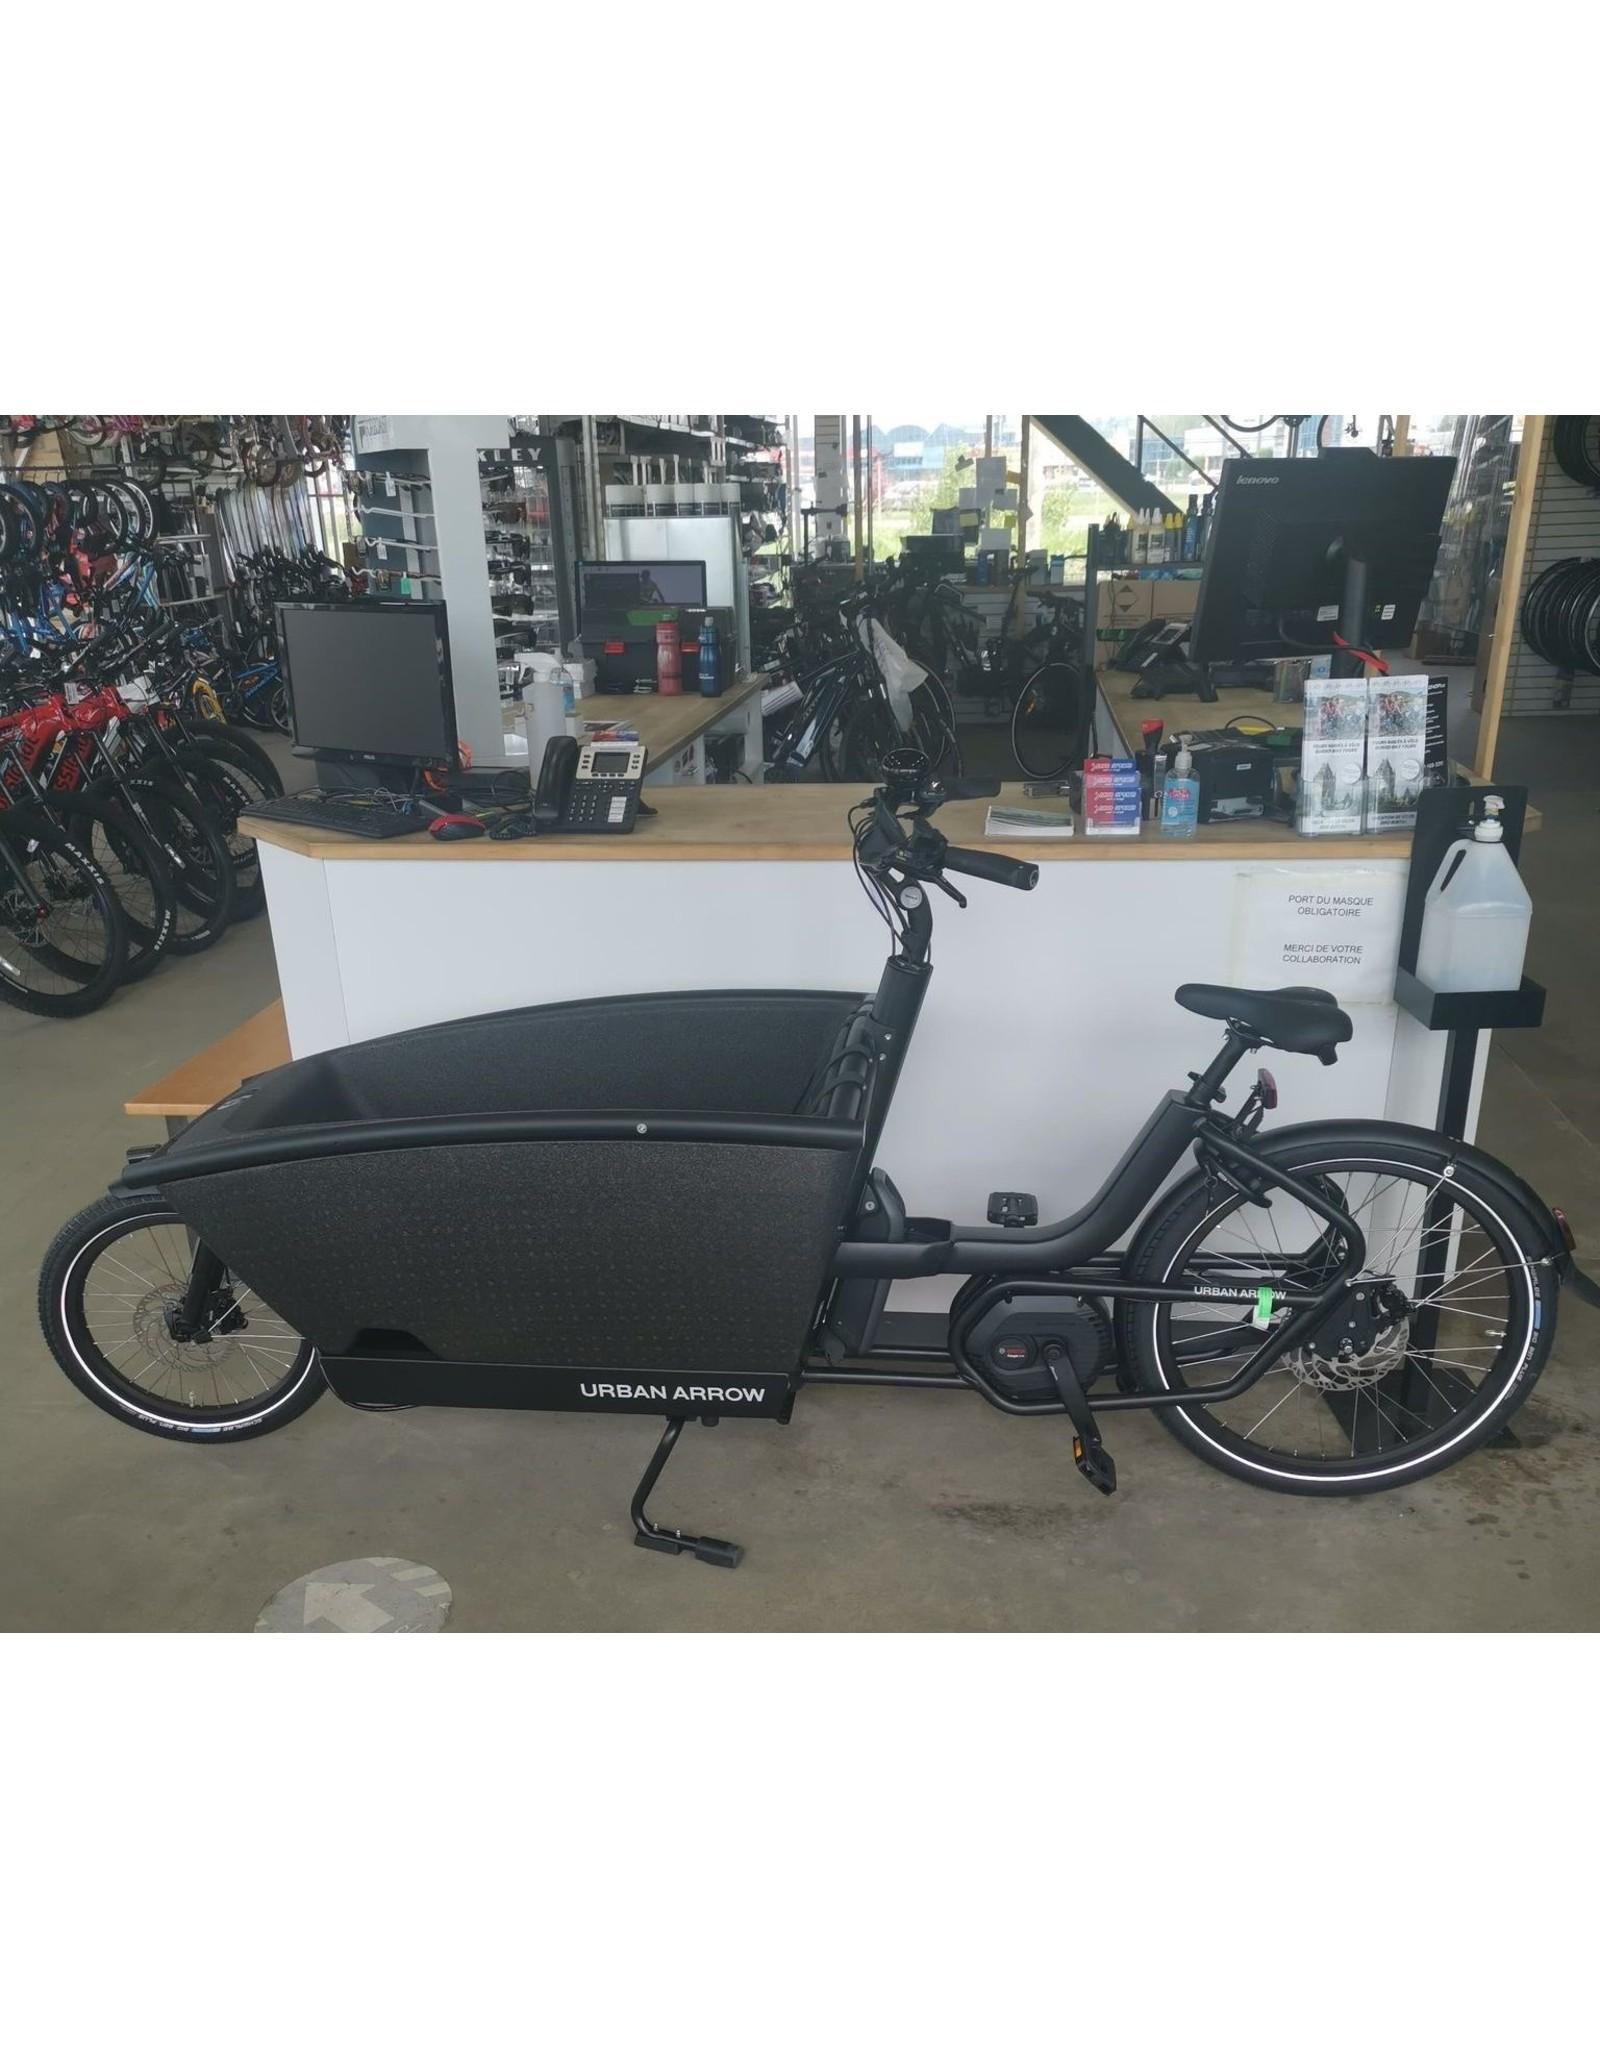 Urban Arrow Urban Arrow FAMILY - Bosch Cargo Line electric cargo bike